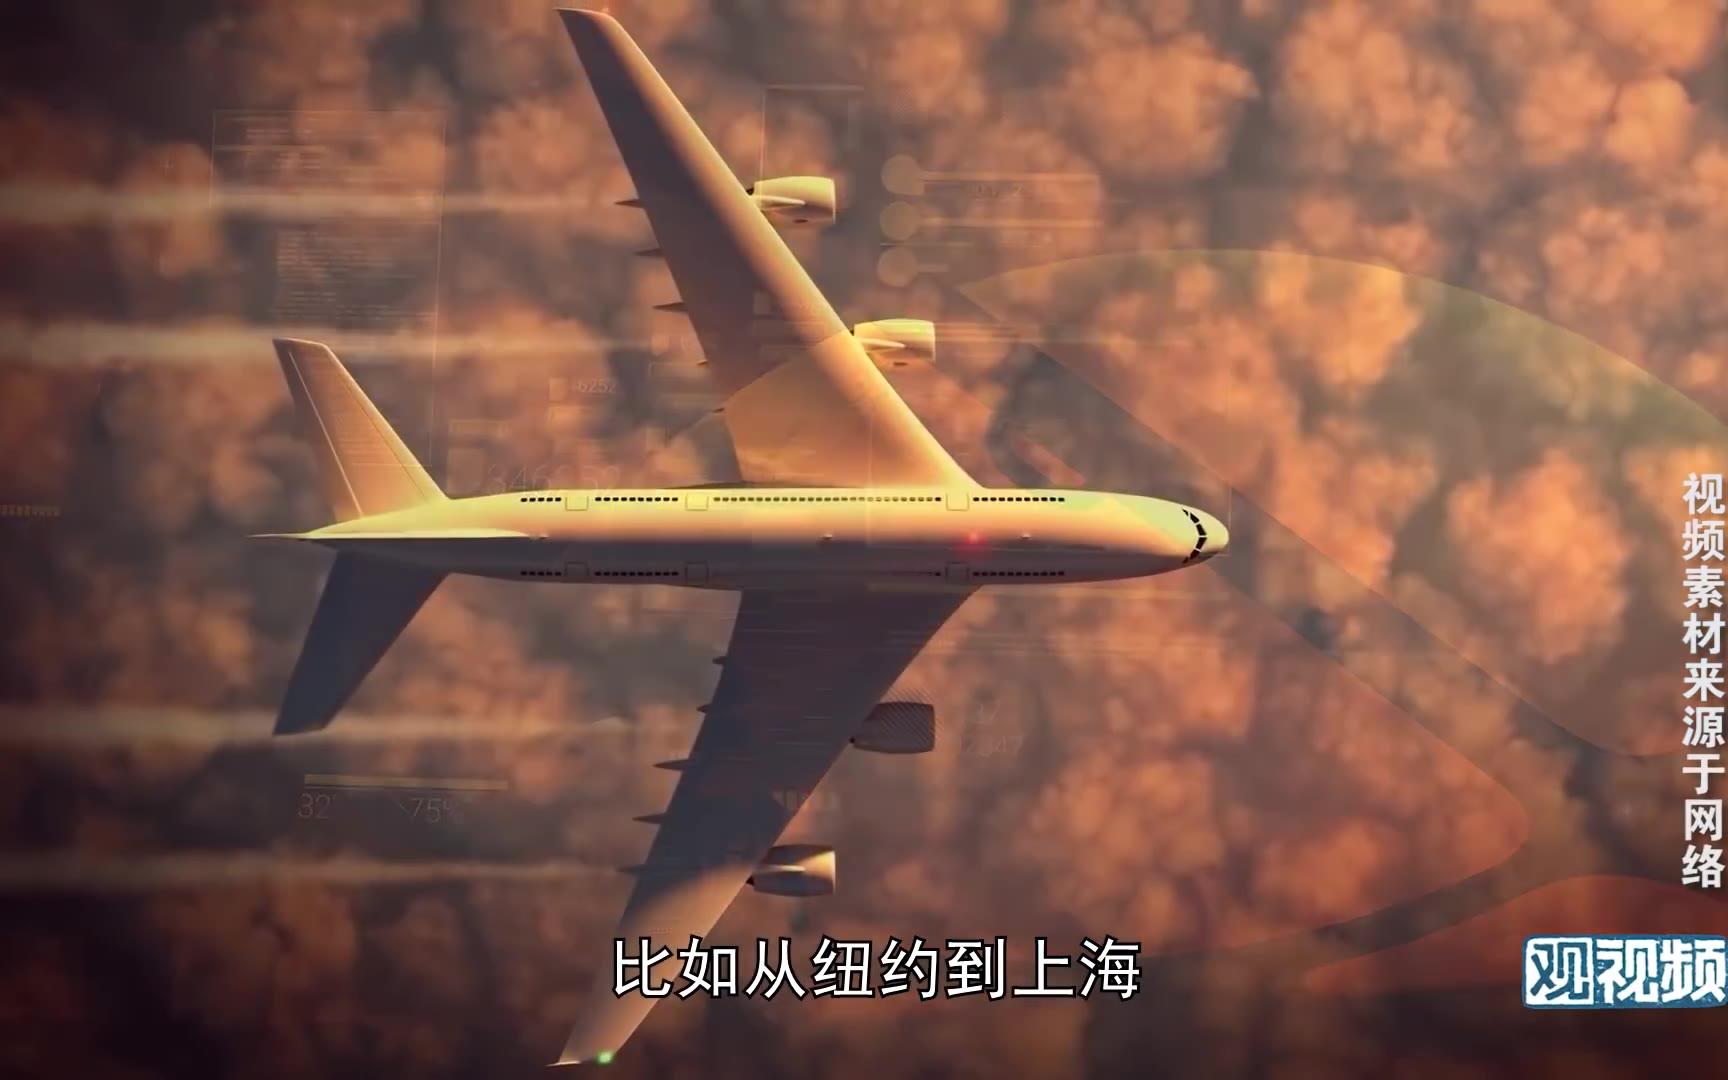 周炳红:《流浪地球》里的航天技术,中国还差多远?【03】